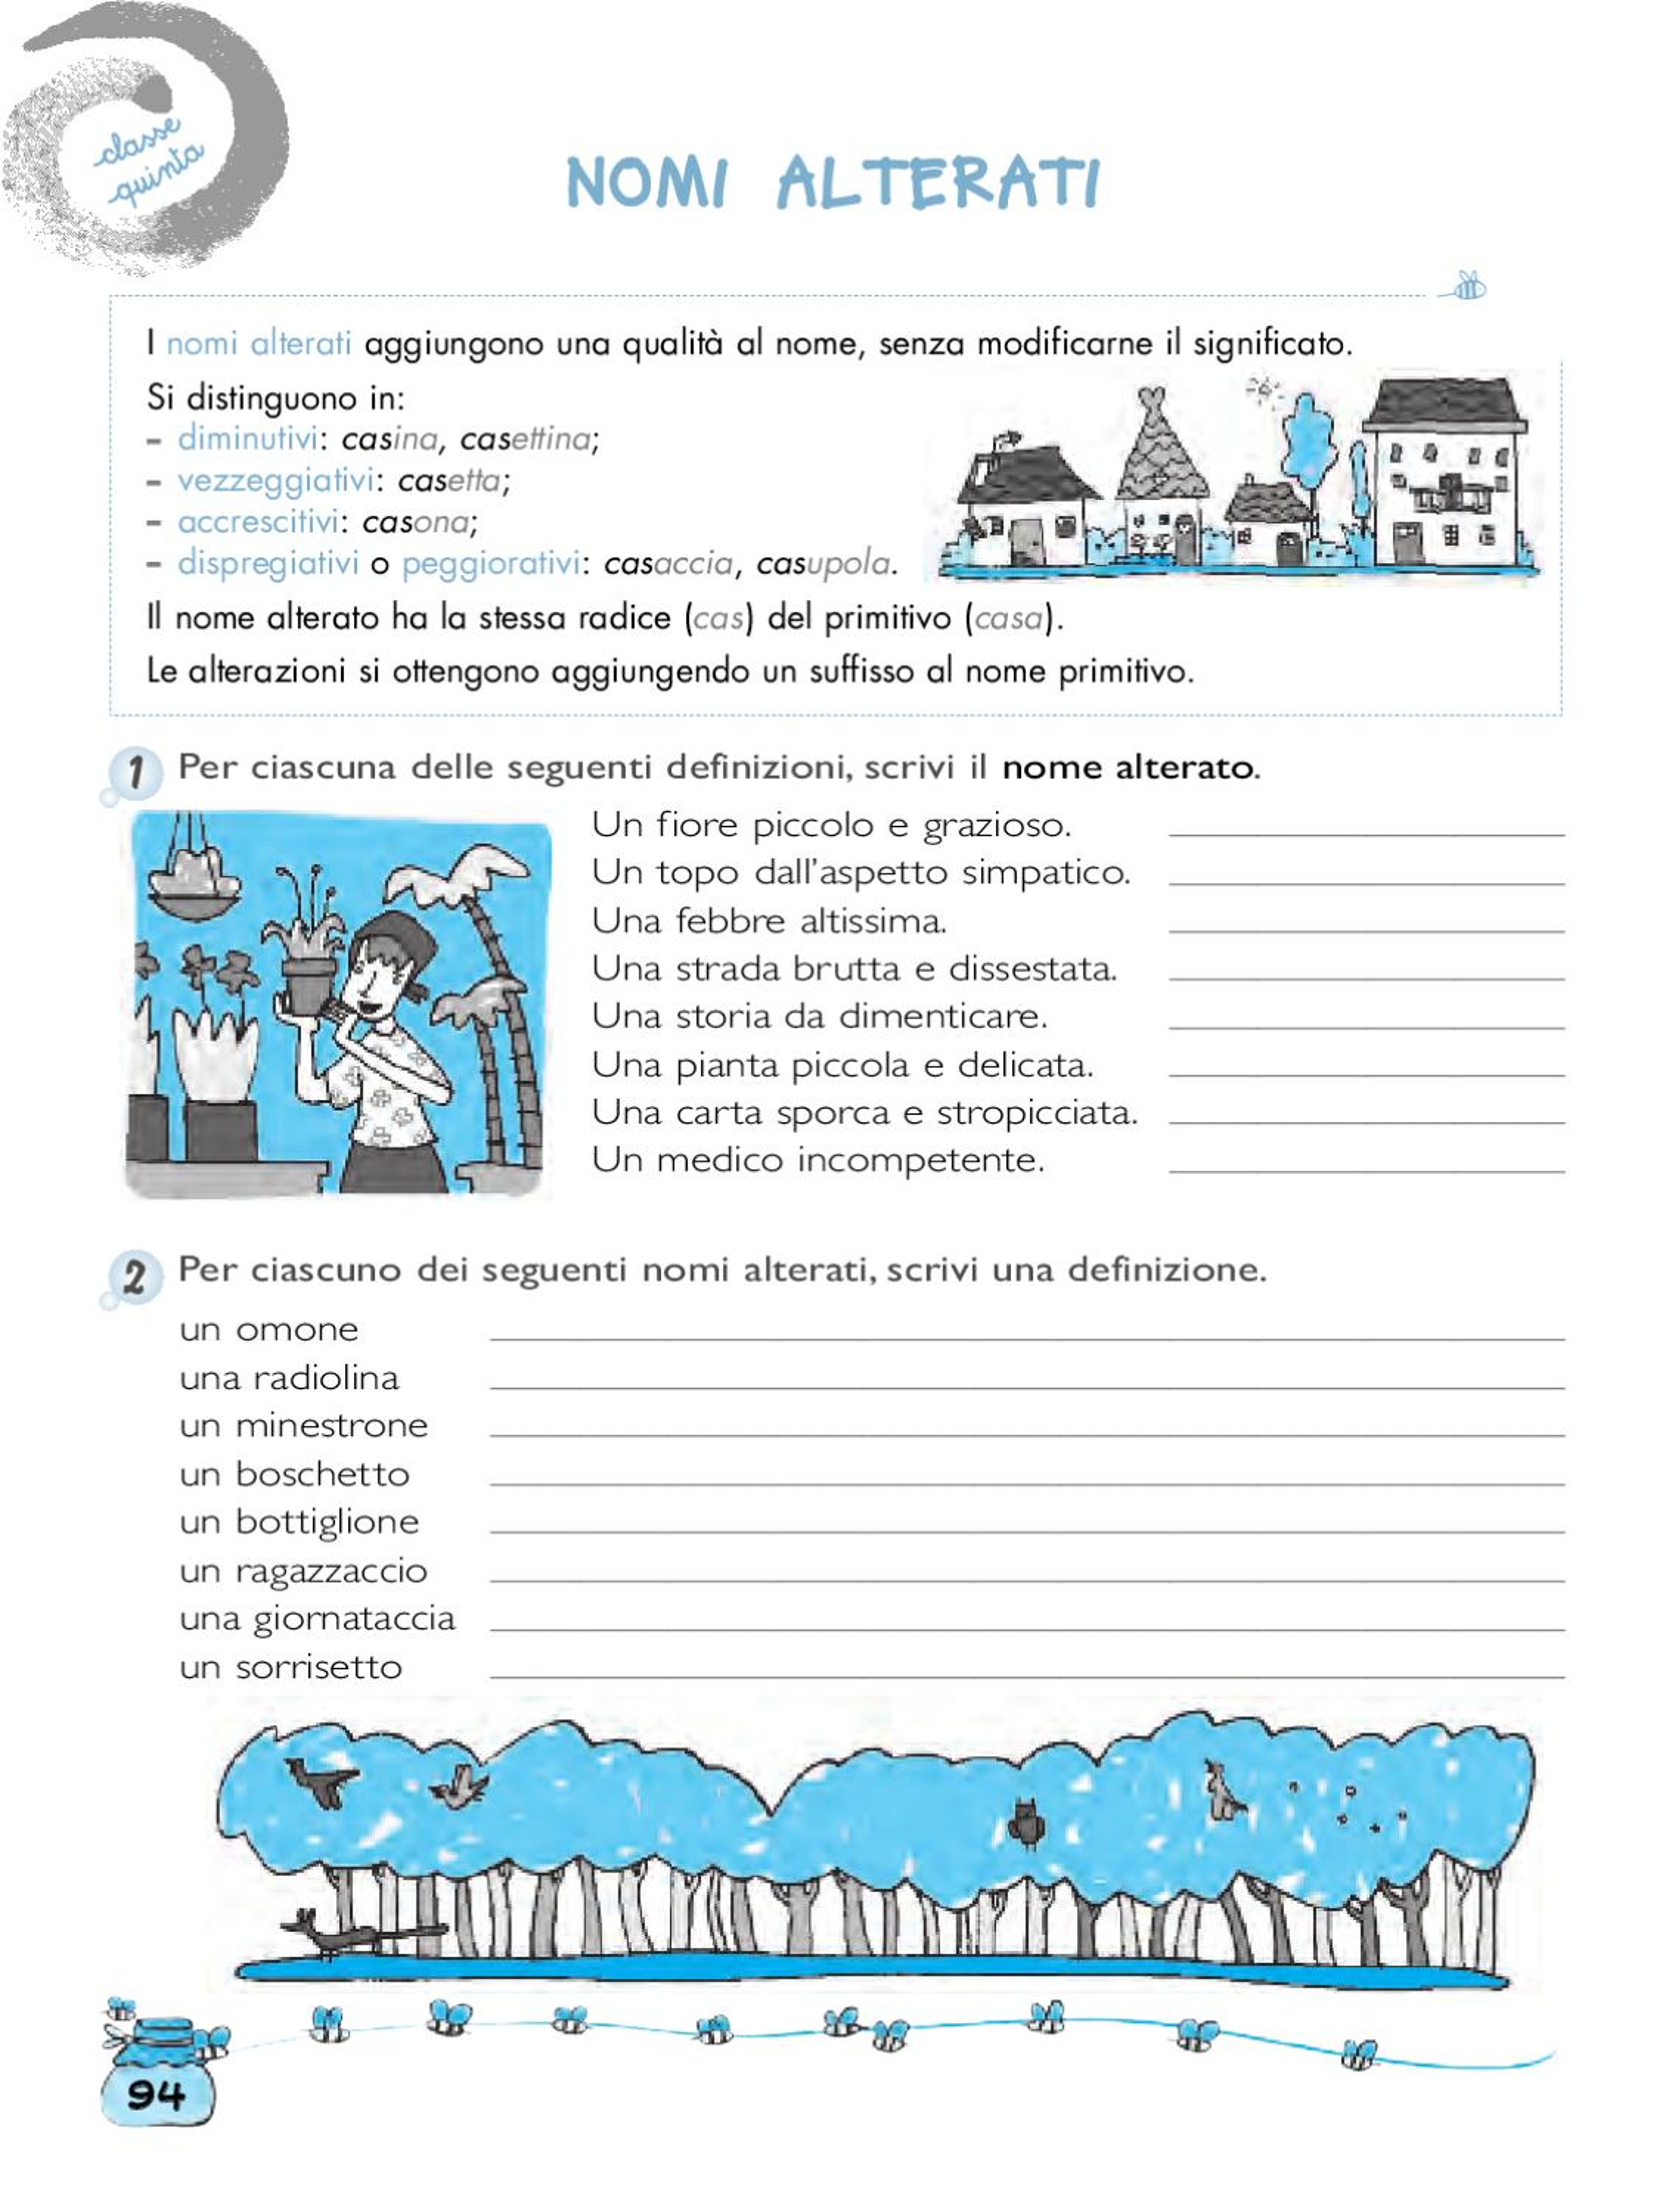 magicamente lab grammatica 4-5 by elvira ussia - issuu - Giardino Piccolo Nome Alterato